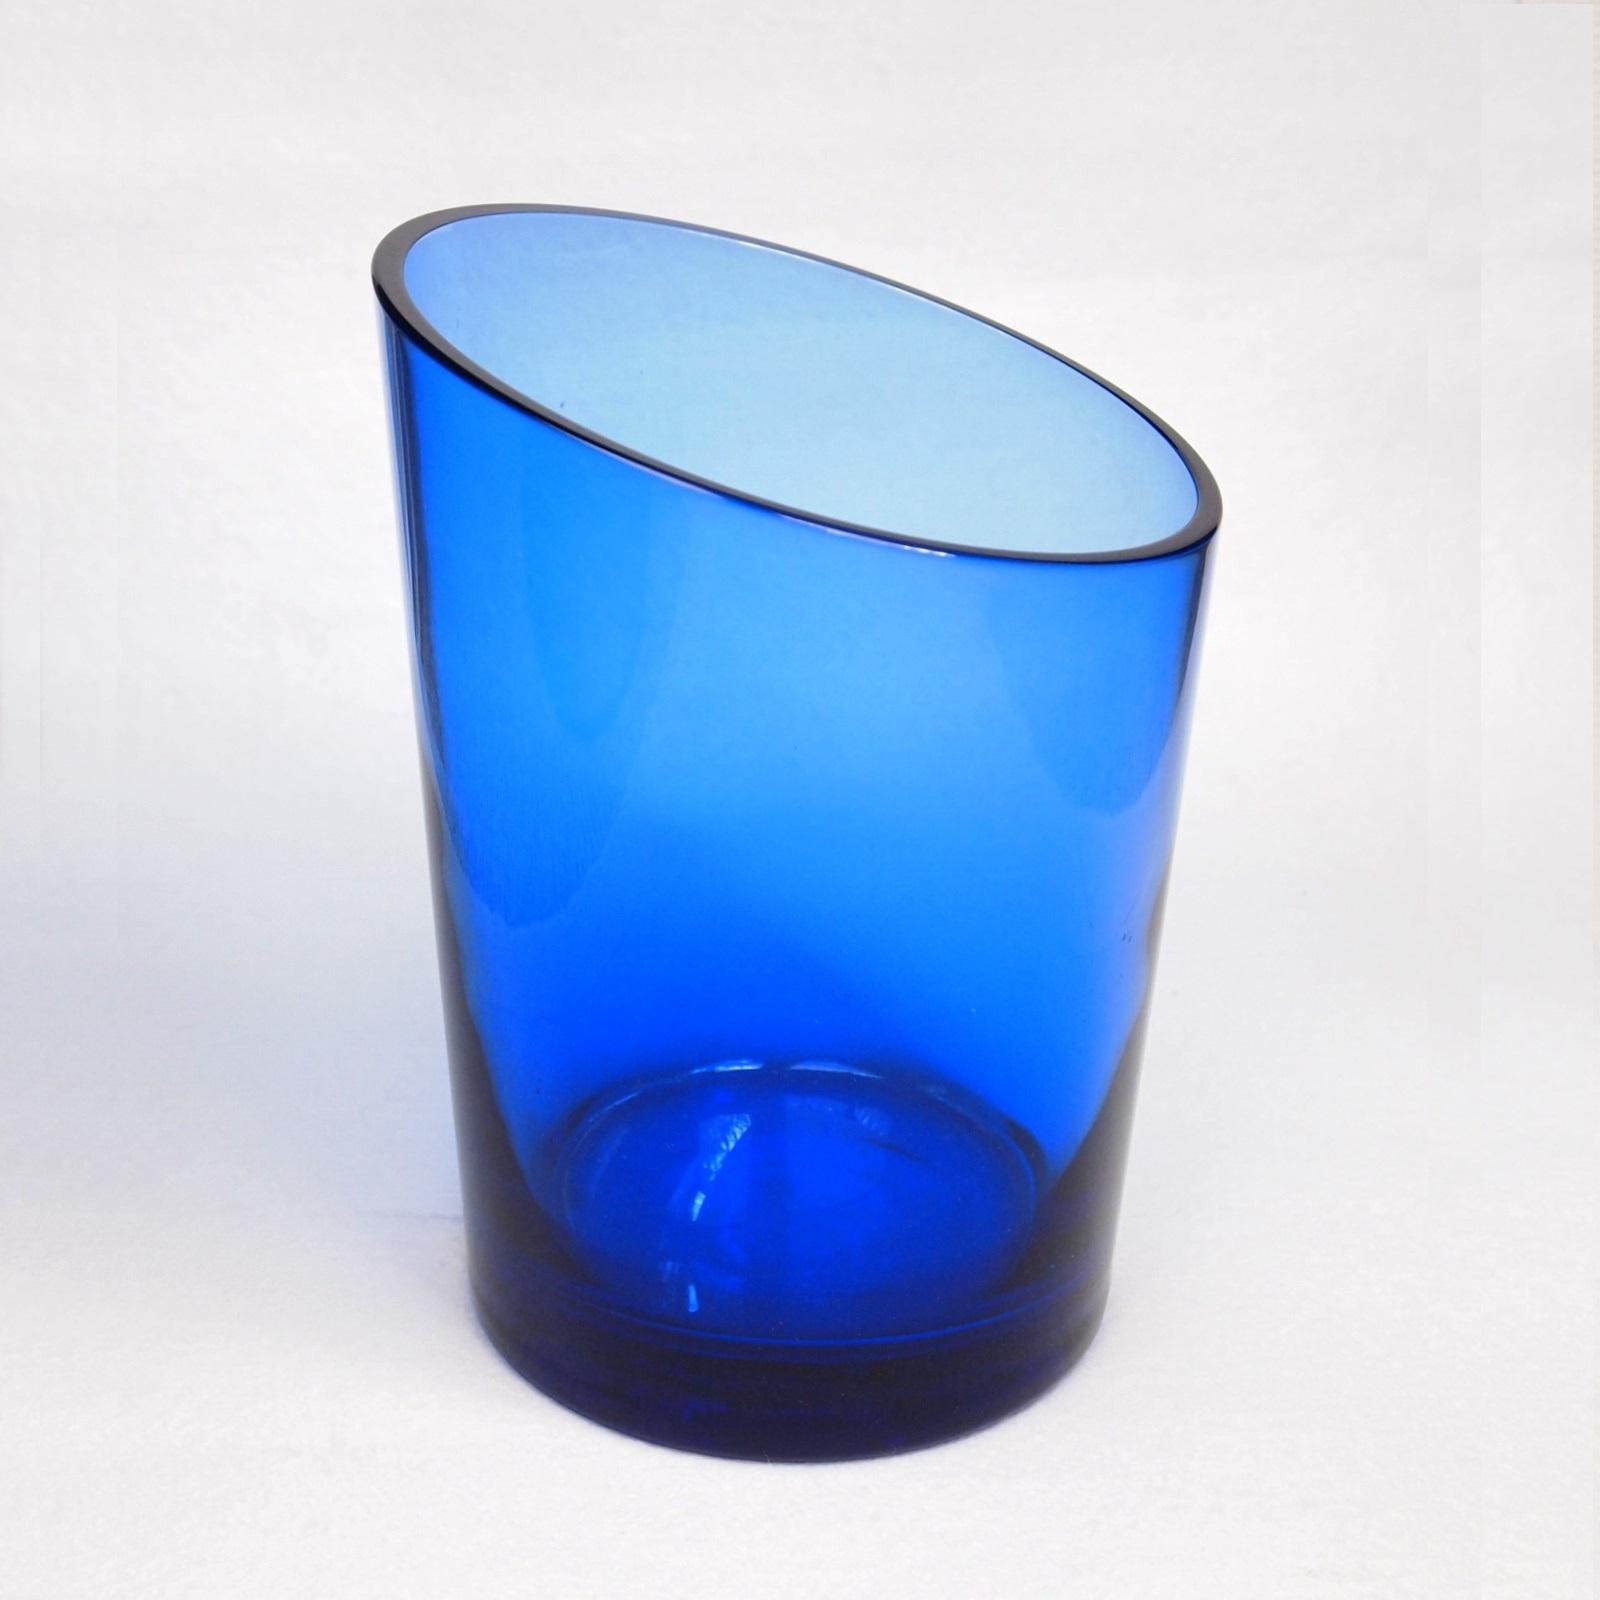 レイミューラ ビーナス ブルー フラワーベース Reijmyre Venus Blue Flower Vase